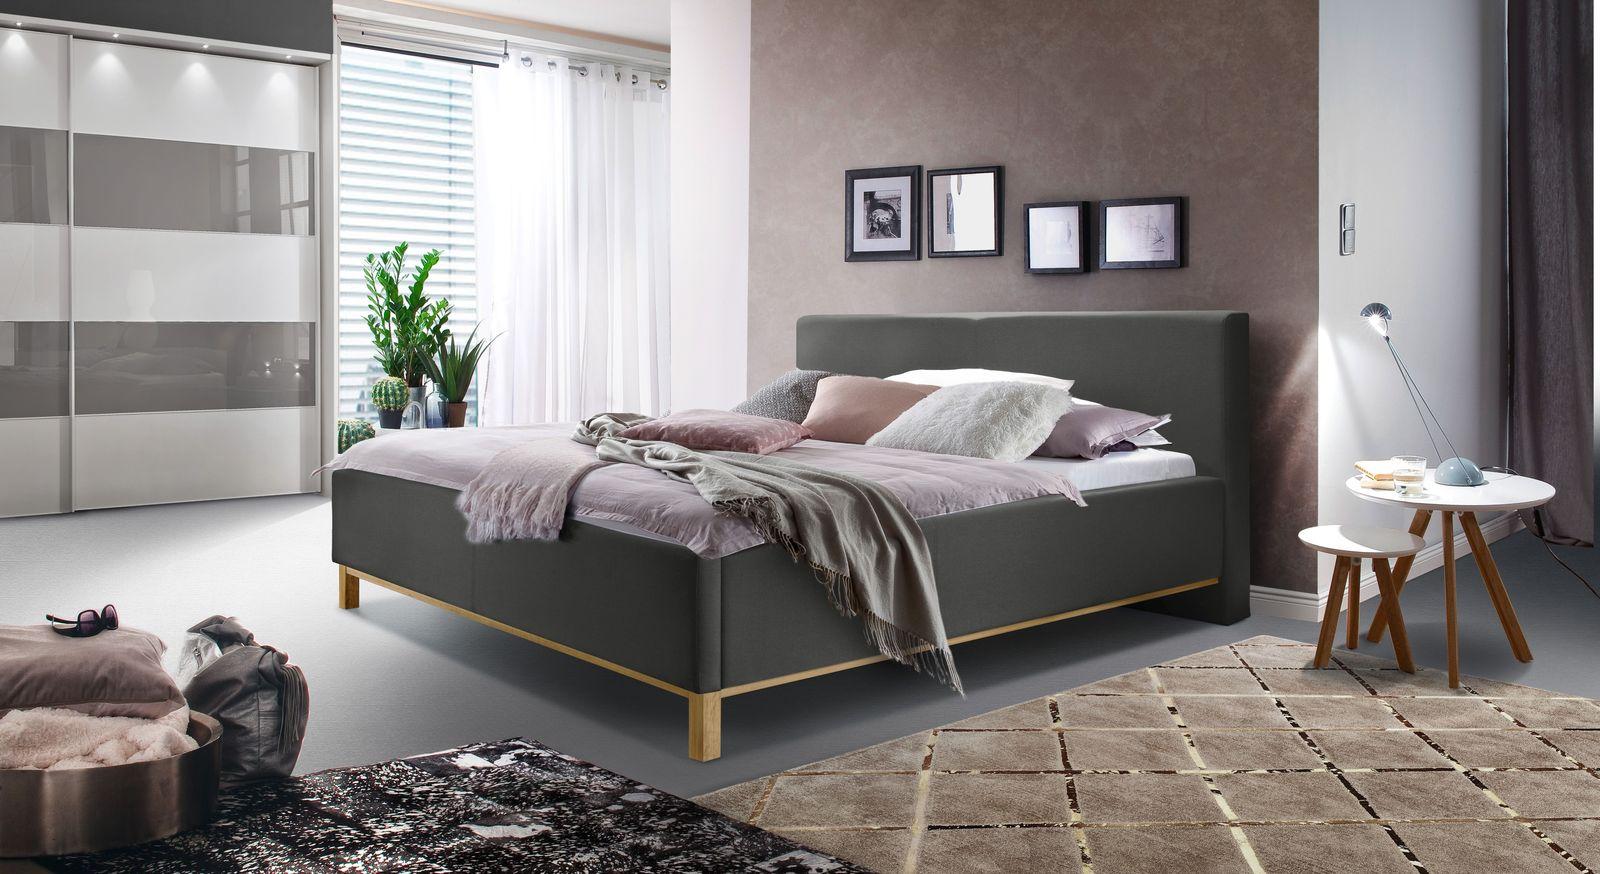 Bett Tranquilo mit passender Schlafzimmer-Ausstattung